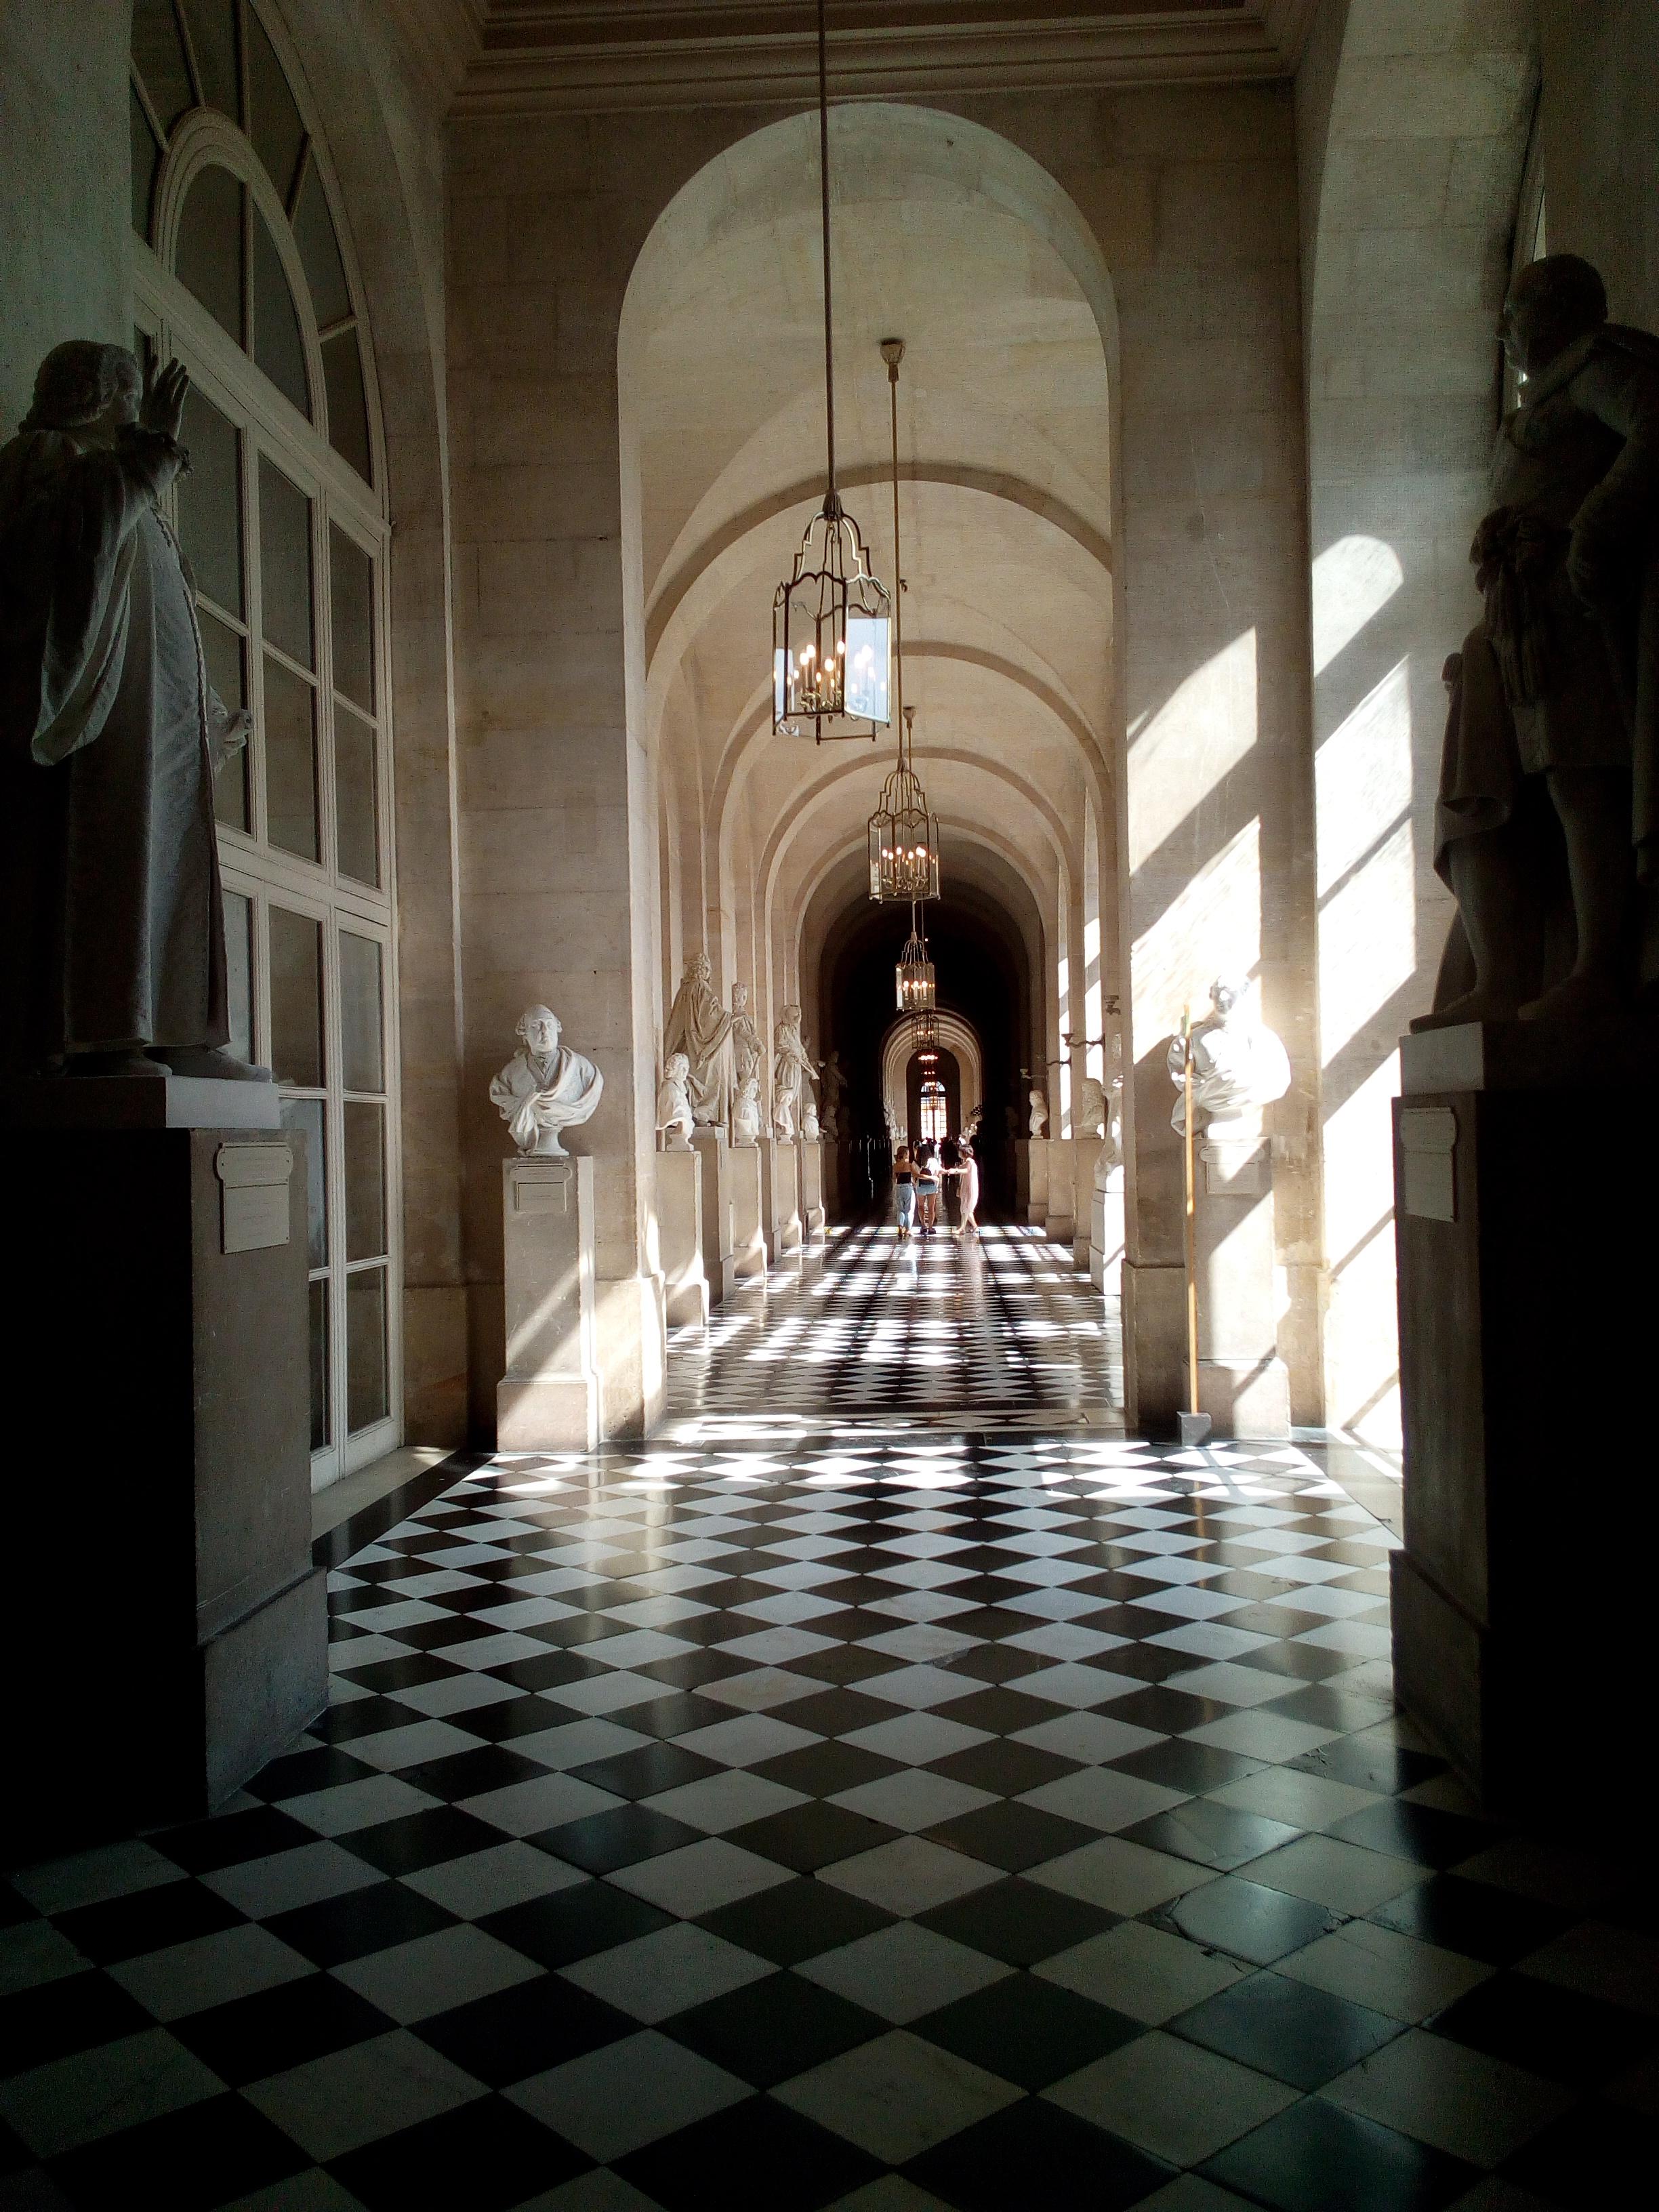 Galerie des Batailles du château de Versailles